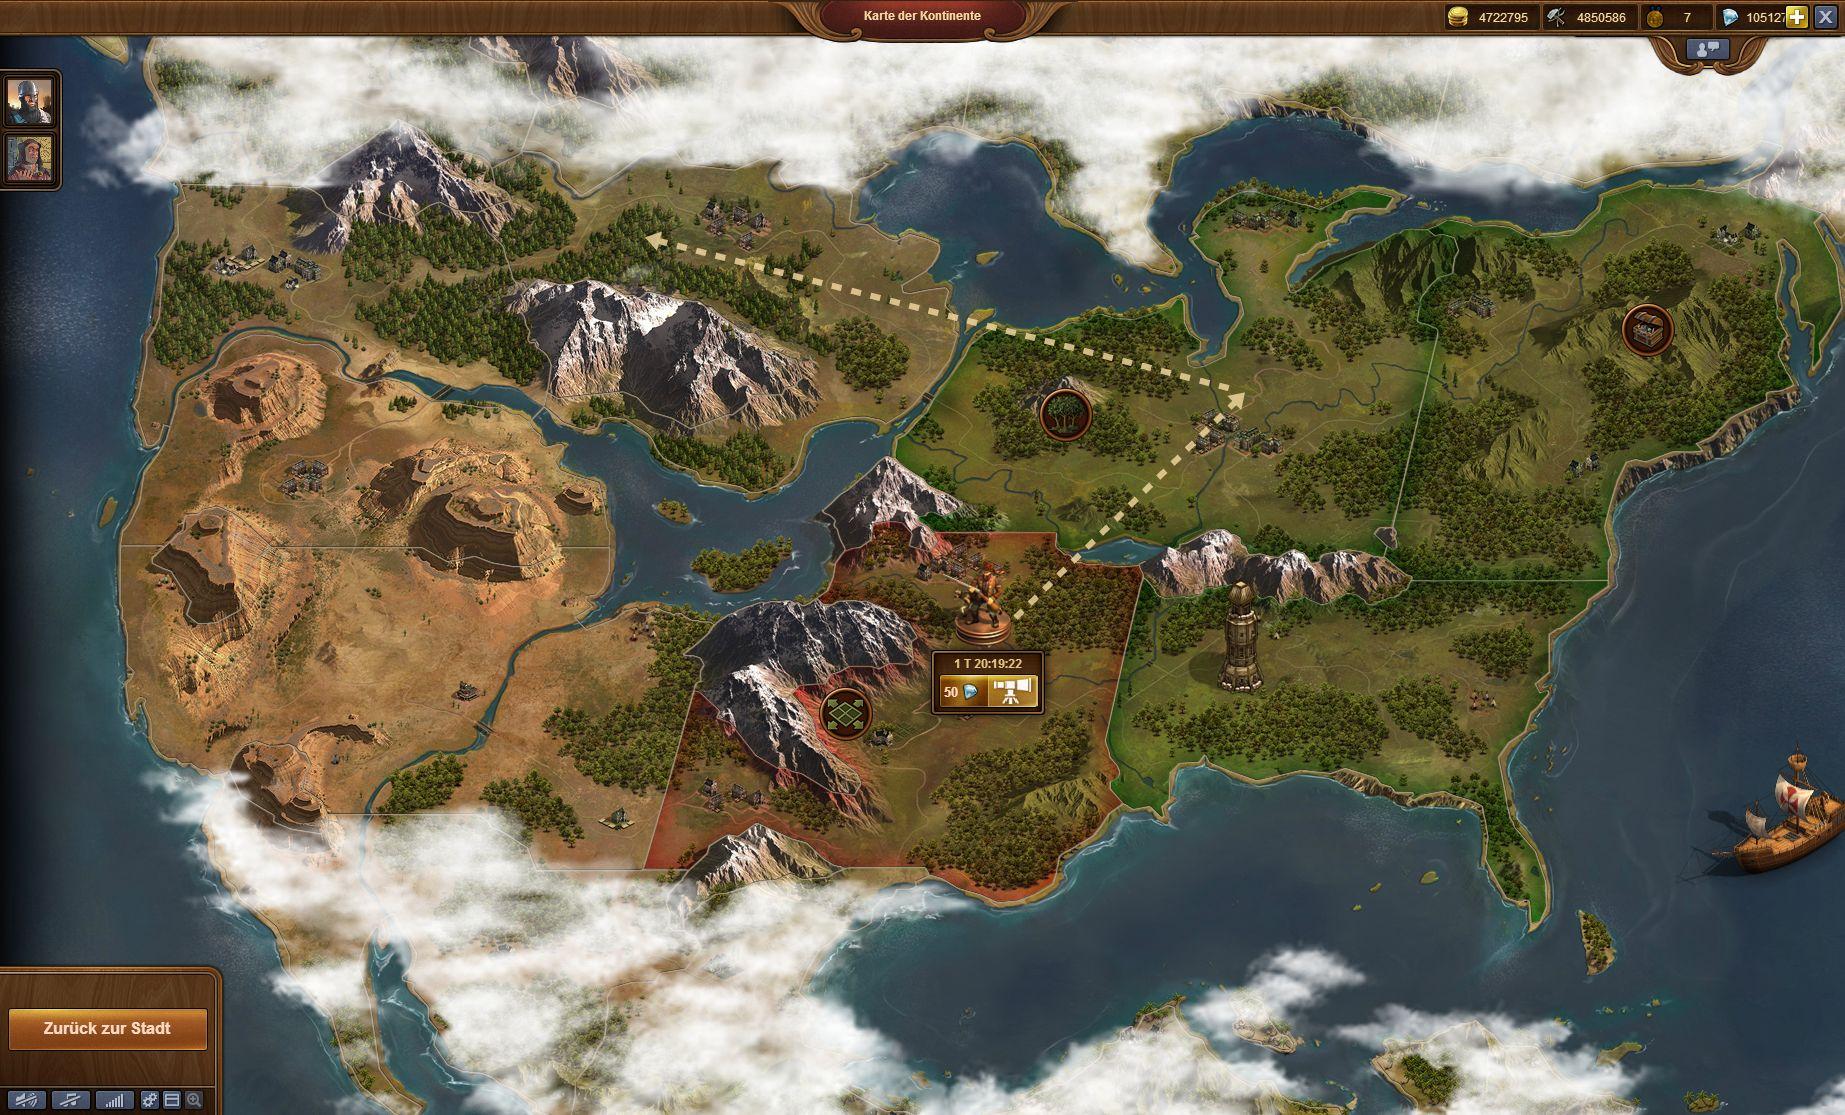 Karte Der Kontinente Foe.Forge Of Empires